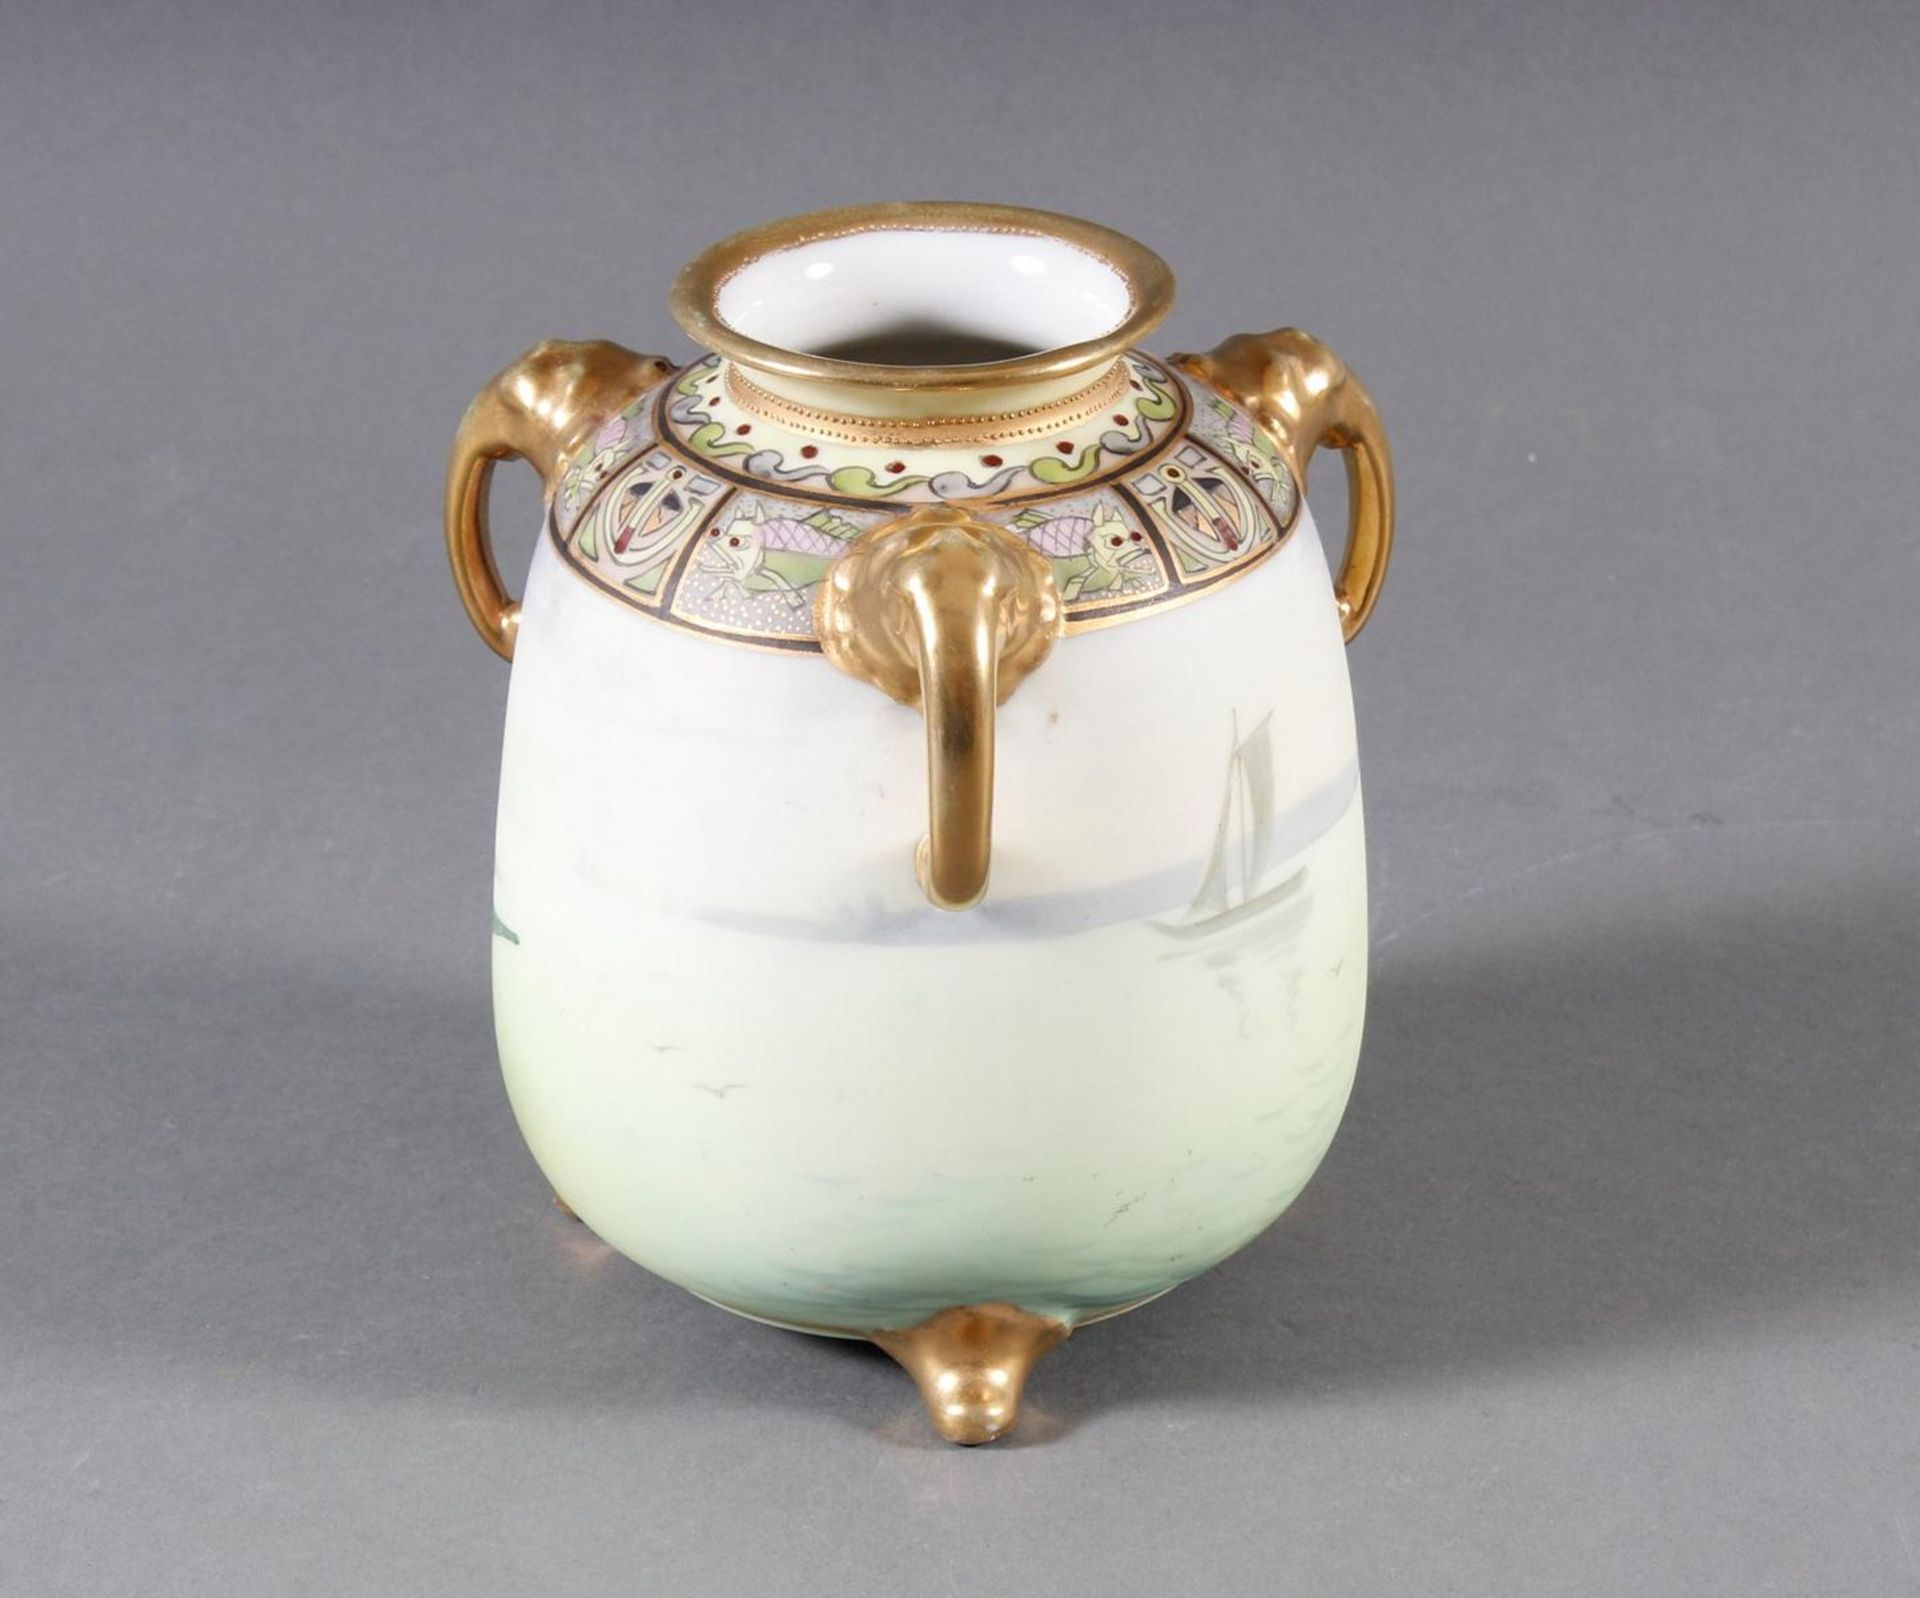 Dreihenkel-Porzellanvase, Nippon Porzellan um 1910 - Bild 2 aus 9